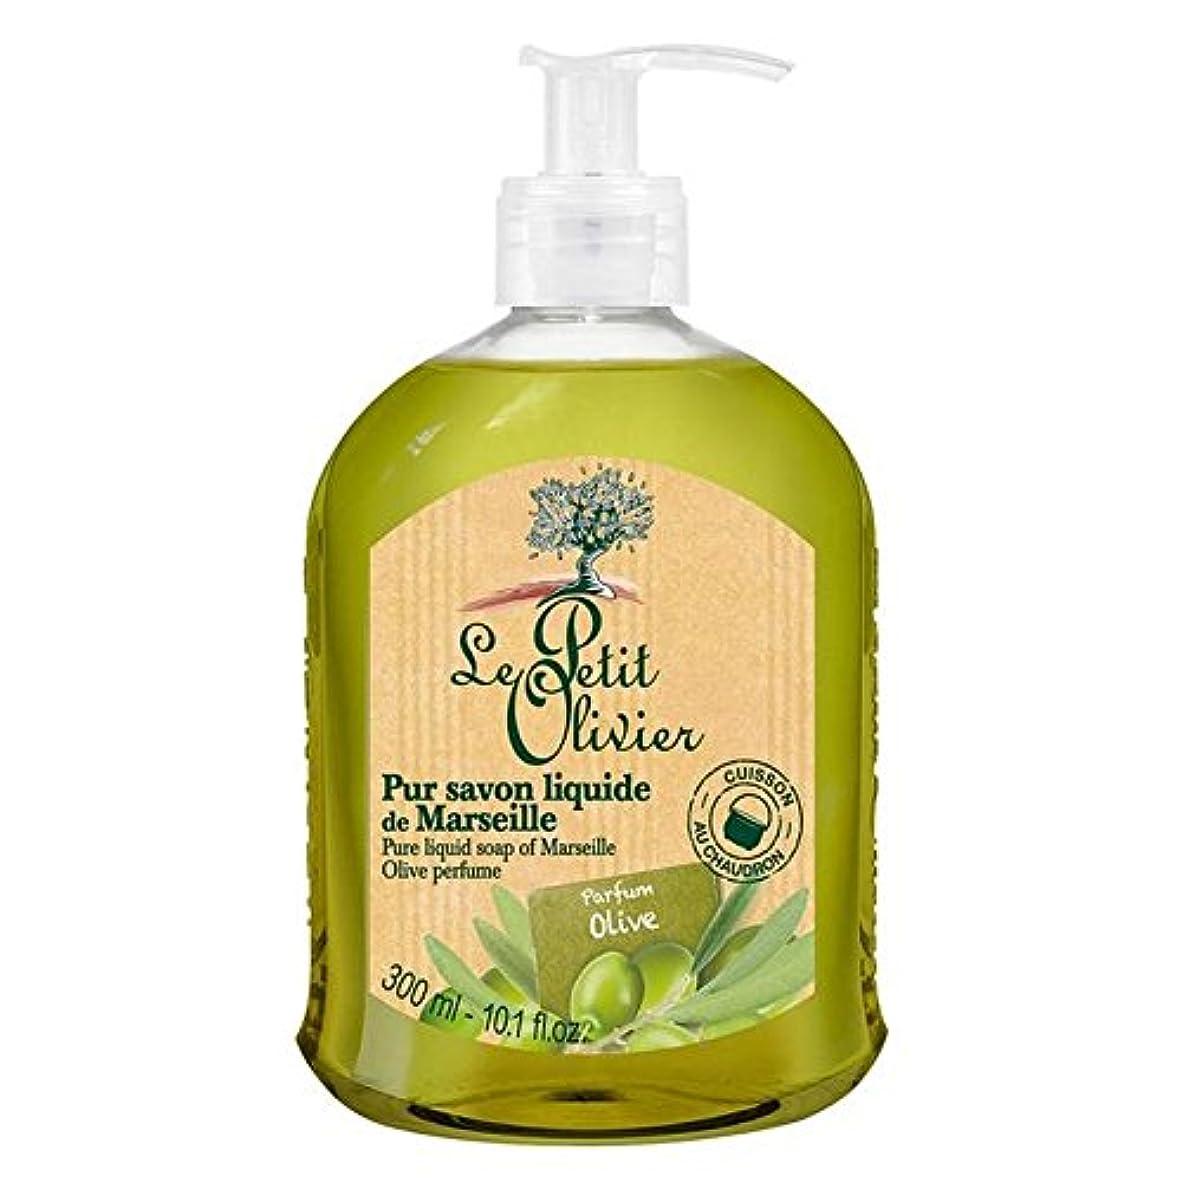 打ち上げる教育マイナスLe Petit Olivier Pure Liquid Soap of Marseille, Olive Oil 300ml (Pack of 6) - マルセイユのル?プティ?オリヴィエ純粋な液体石鹸、オリーブオイル...